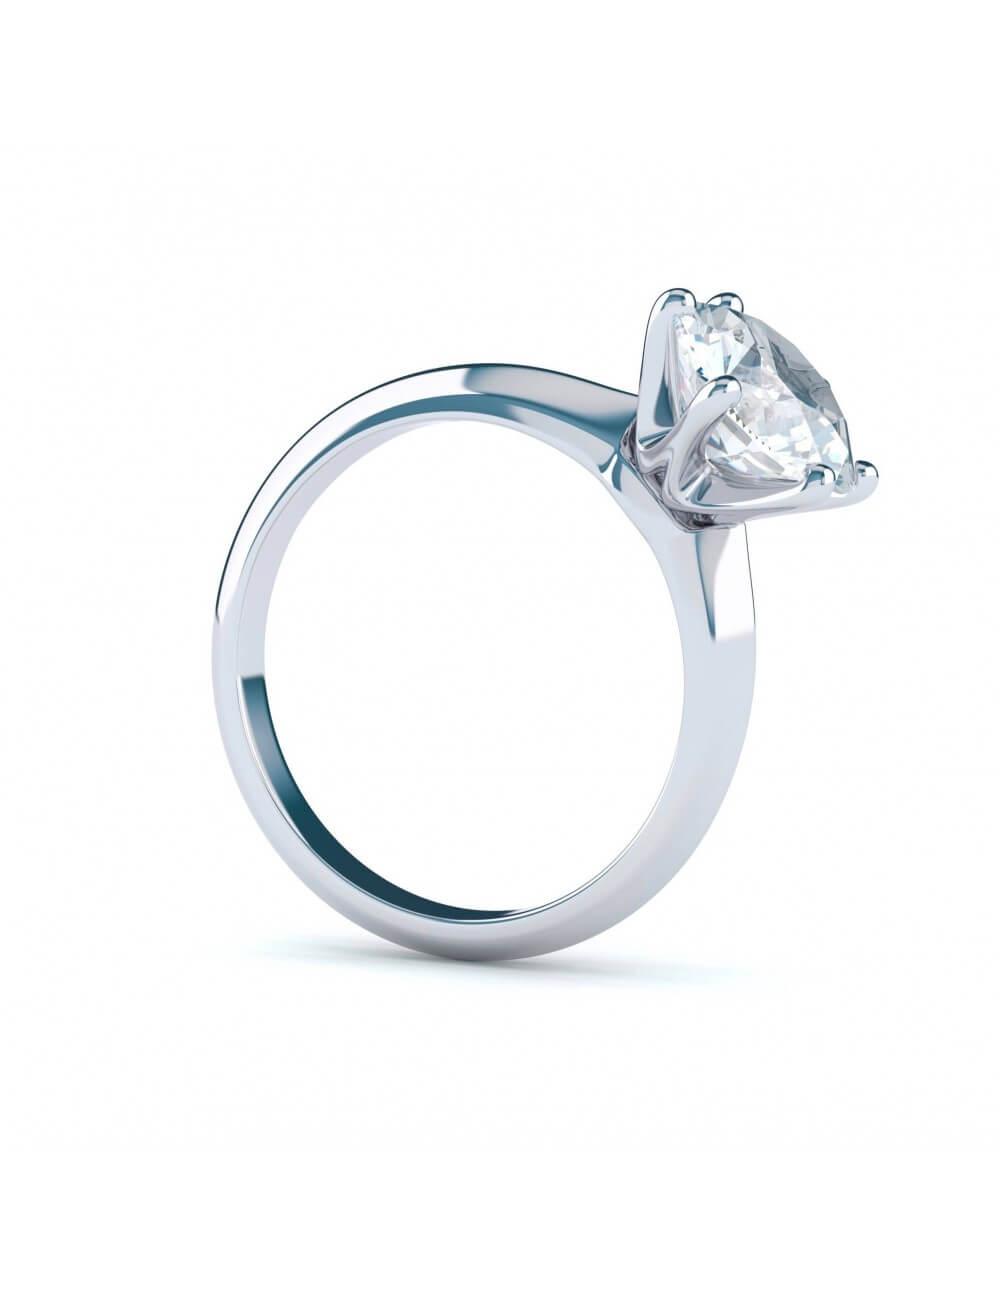 Žiedas su 1 ct briliantu (svoris 3 g, spalva D, švarumas IF)